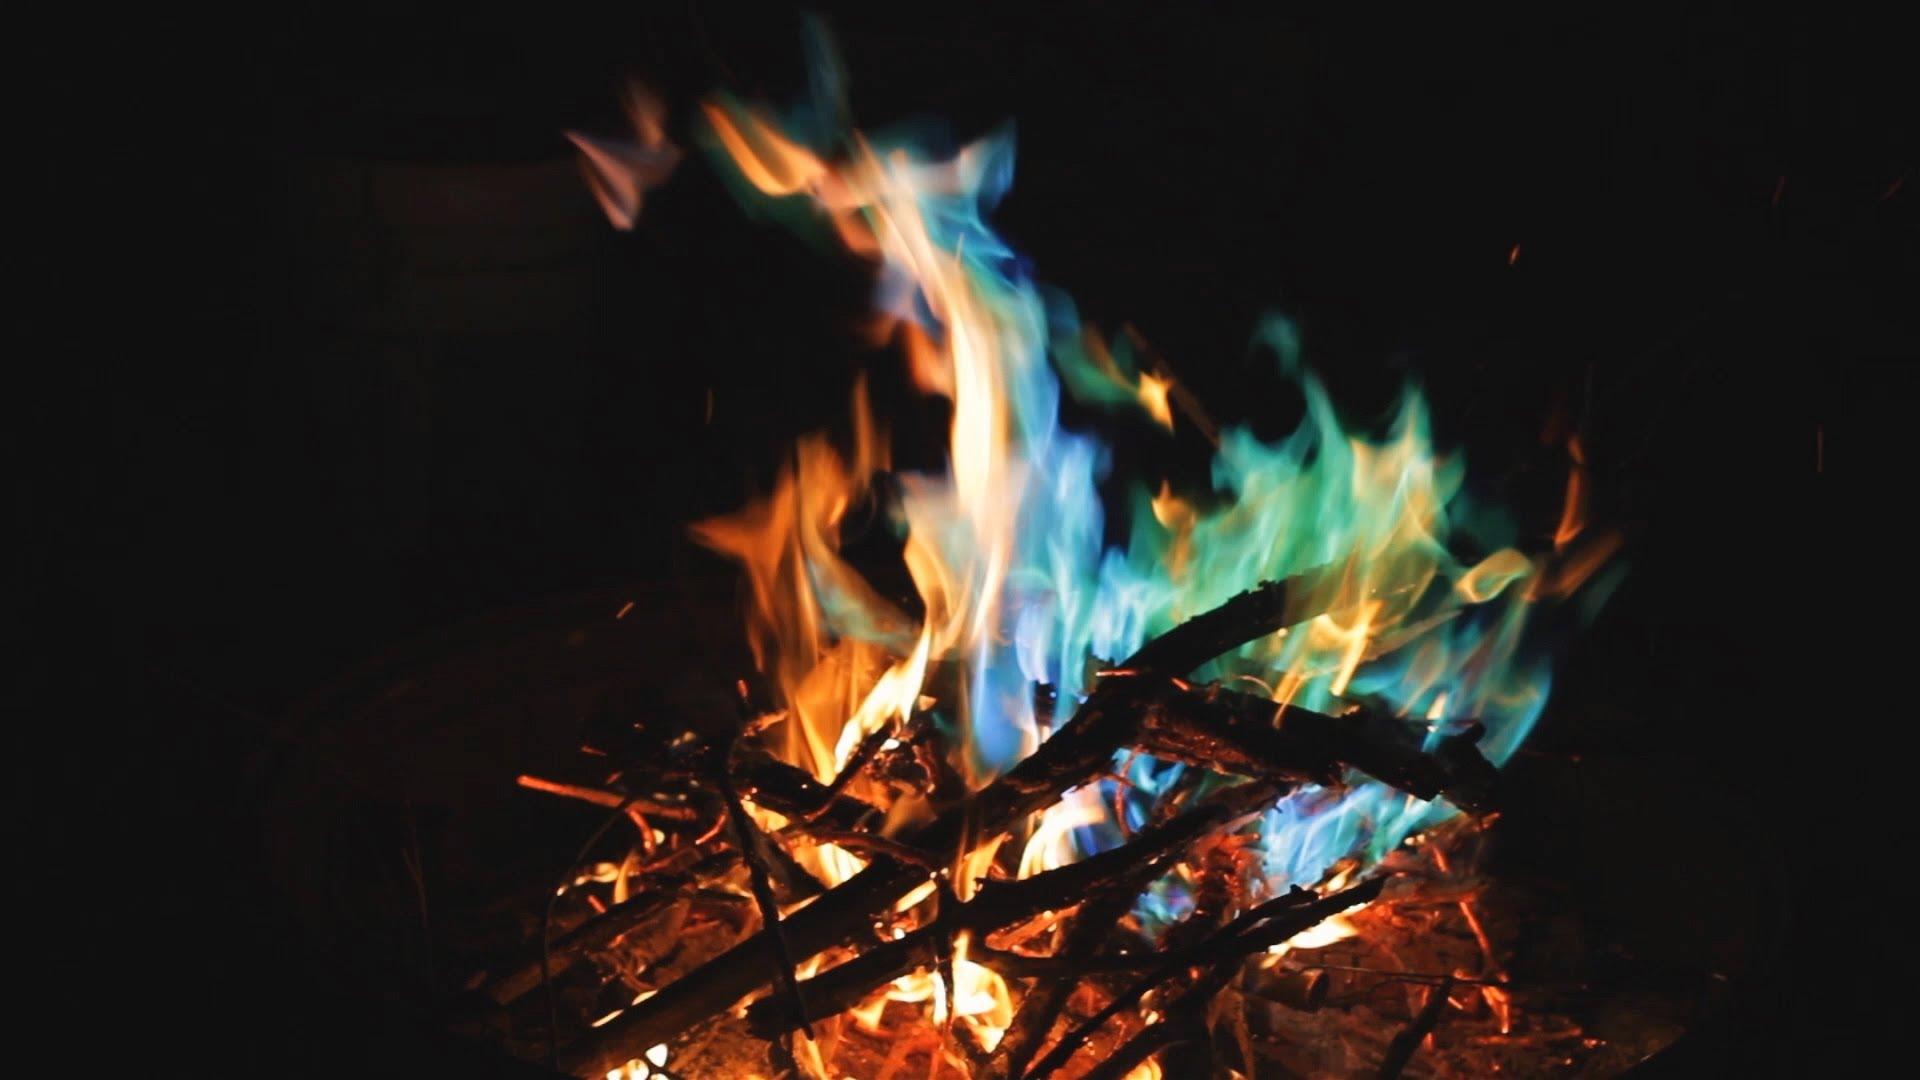 Roda à fogueira Bonfir10